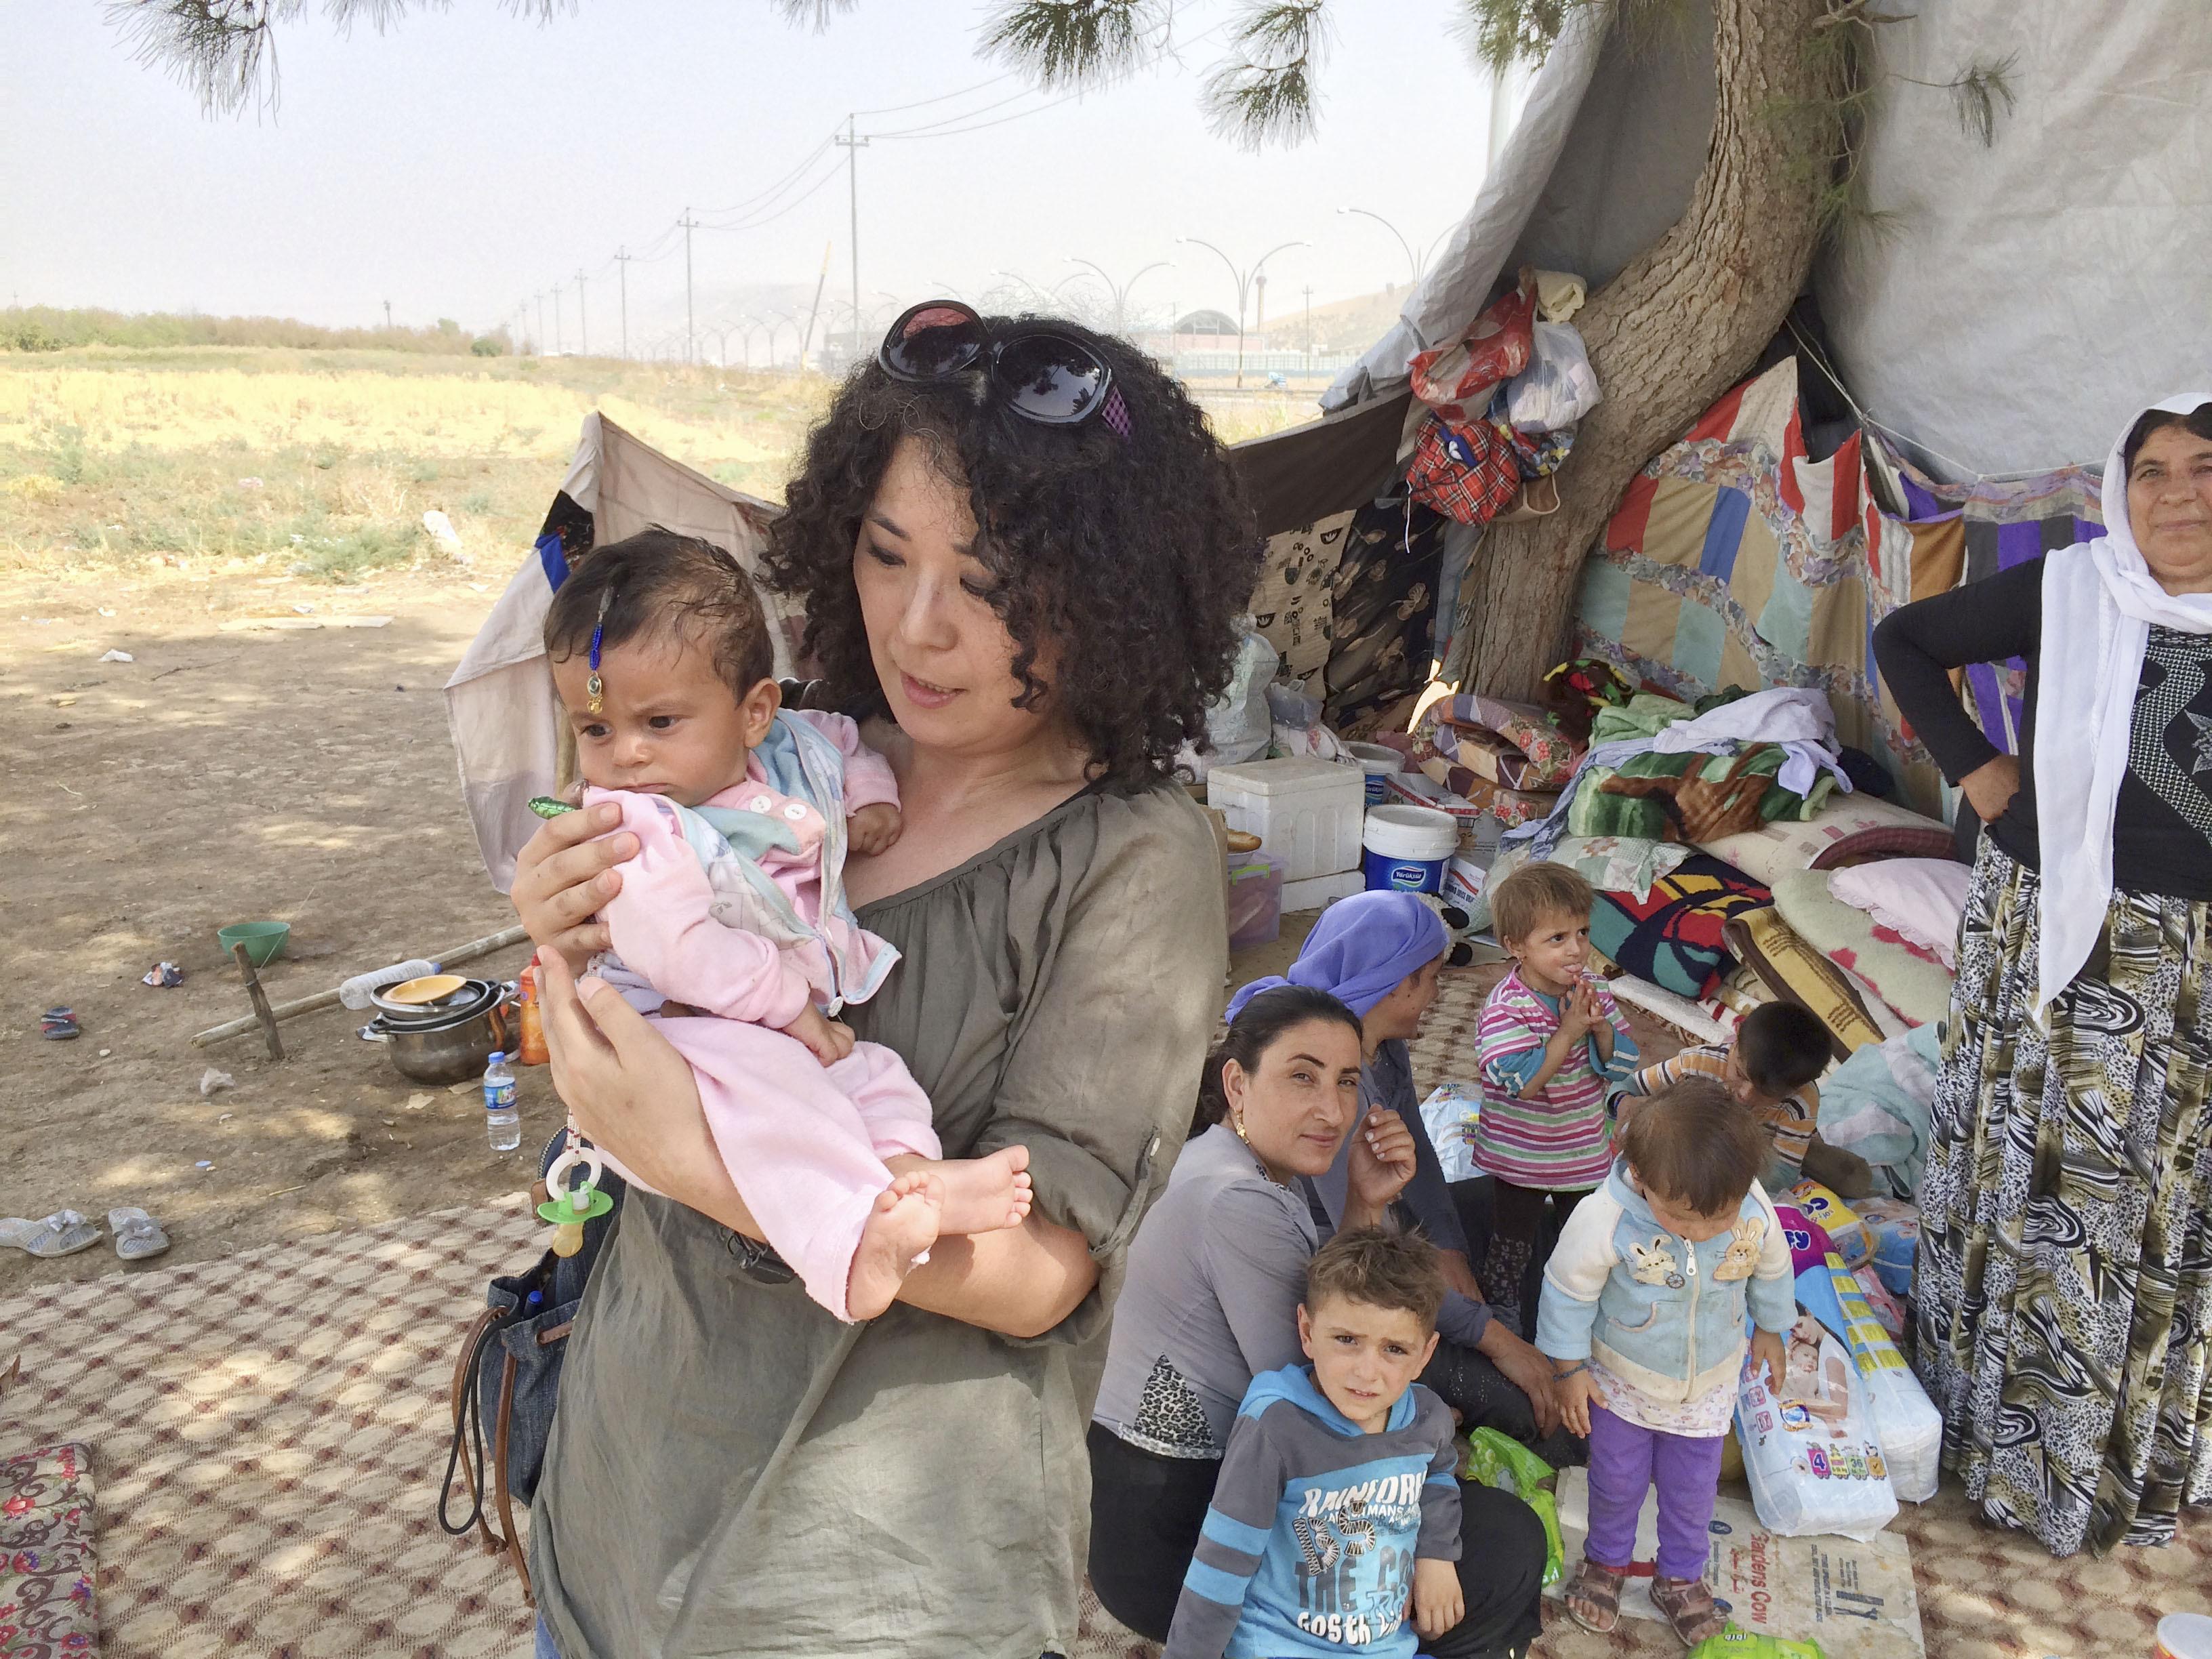 過激派「イスラム国」の攻撃を受け、避難民となったイラクのクルド民族少数派ヤジド教徒の家族を支援する高遠菜穂子=2014年8月、イラク北部クルド自治区(本人提供・共同)(敬称略)